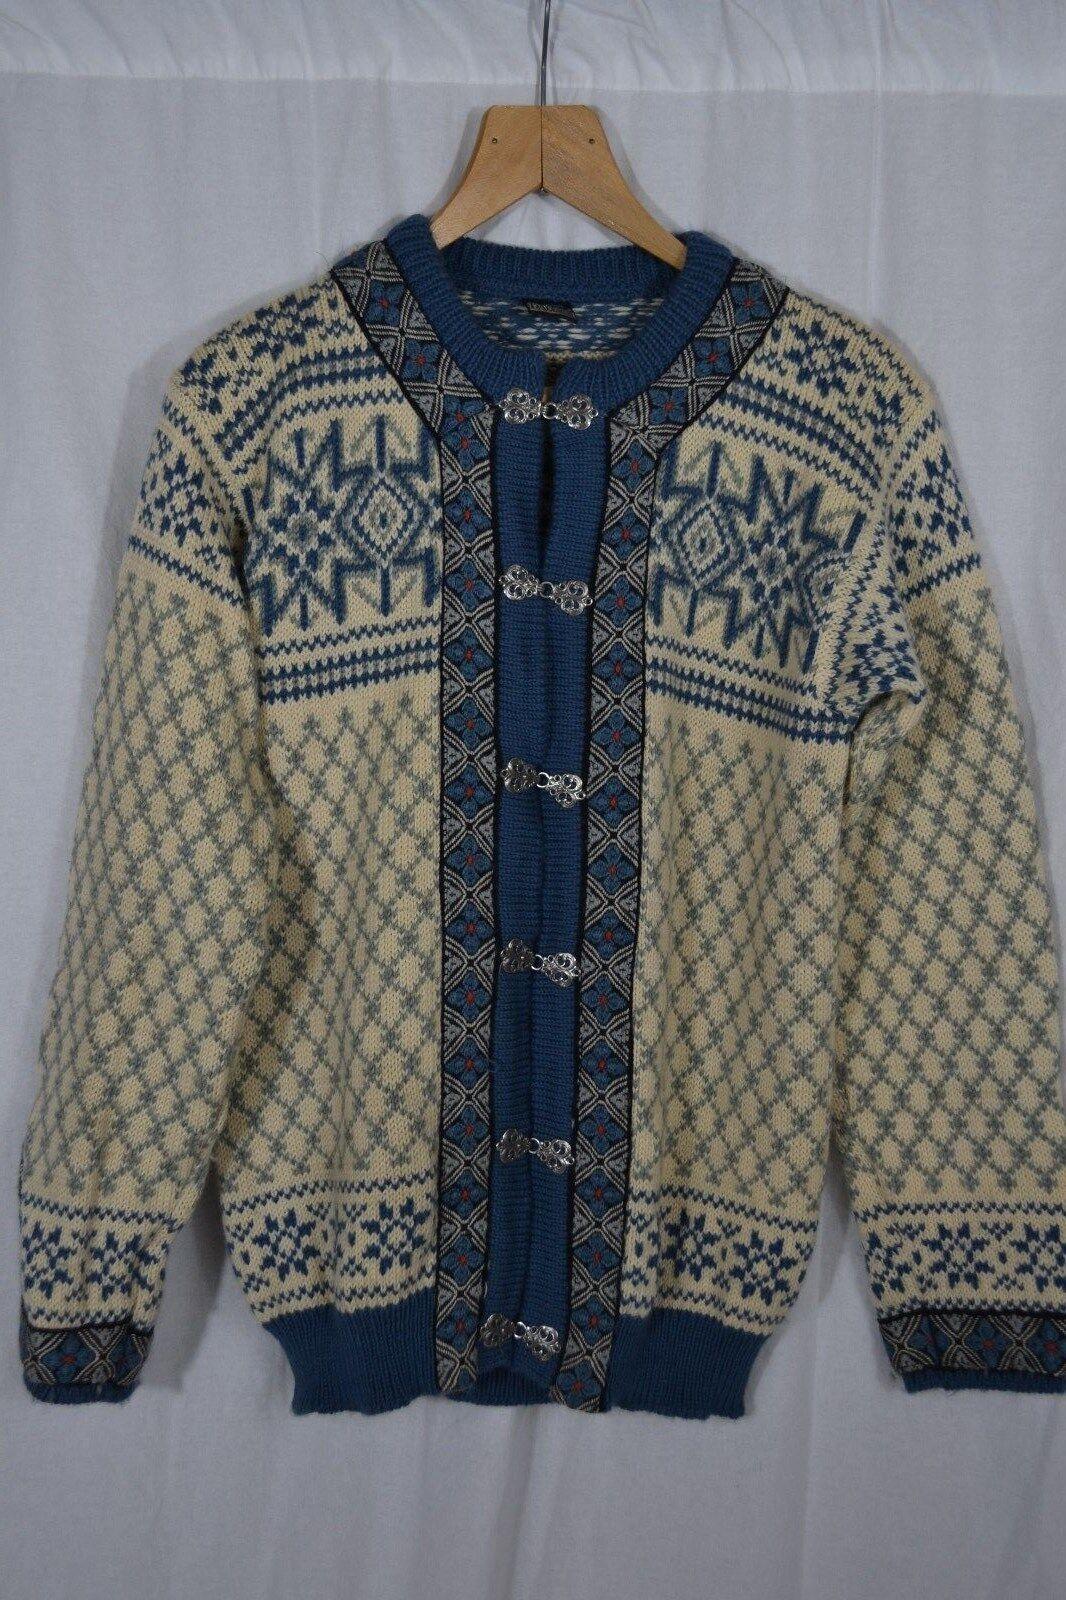 DALE OF NORWAY mens Blau knit 100% wool cardigan Nordic ski Größe 48 S